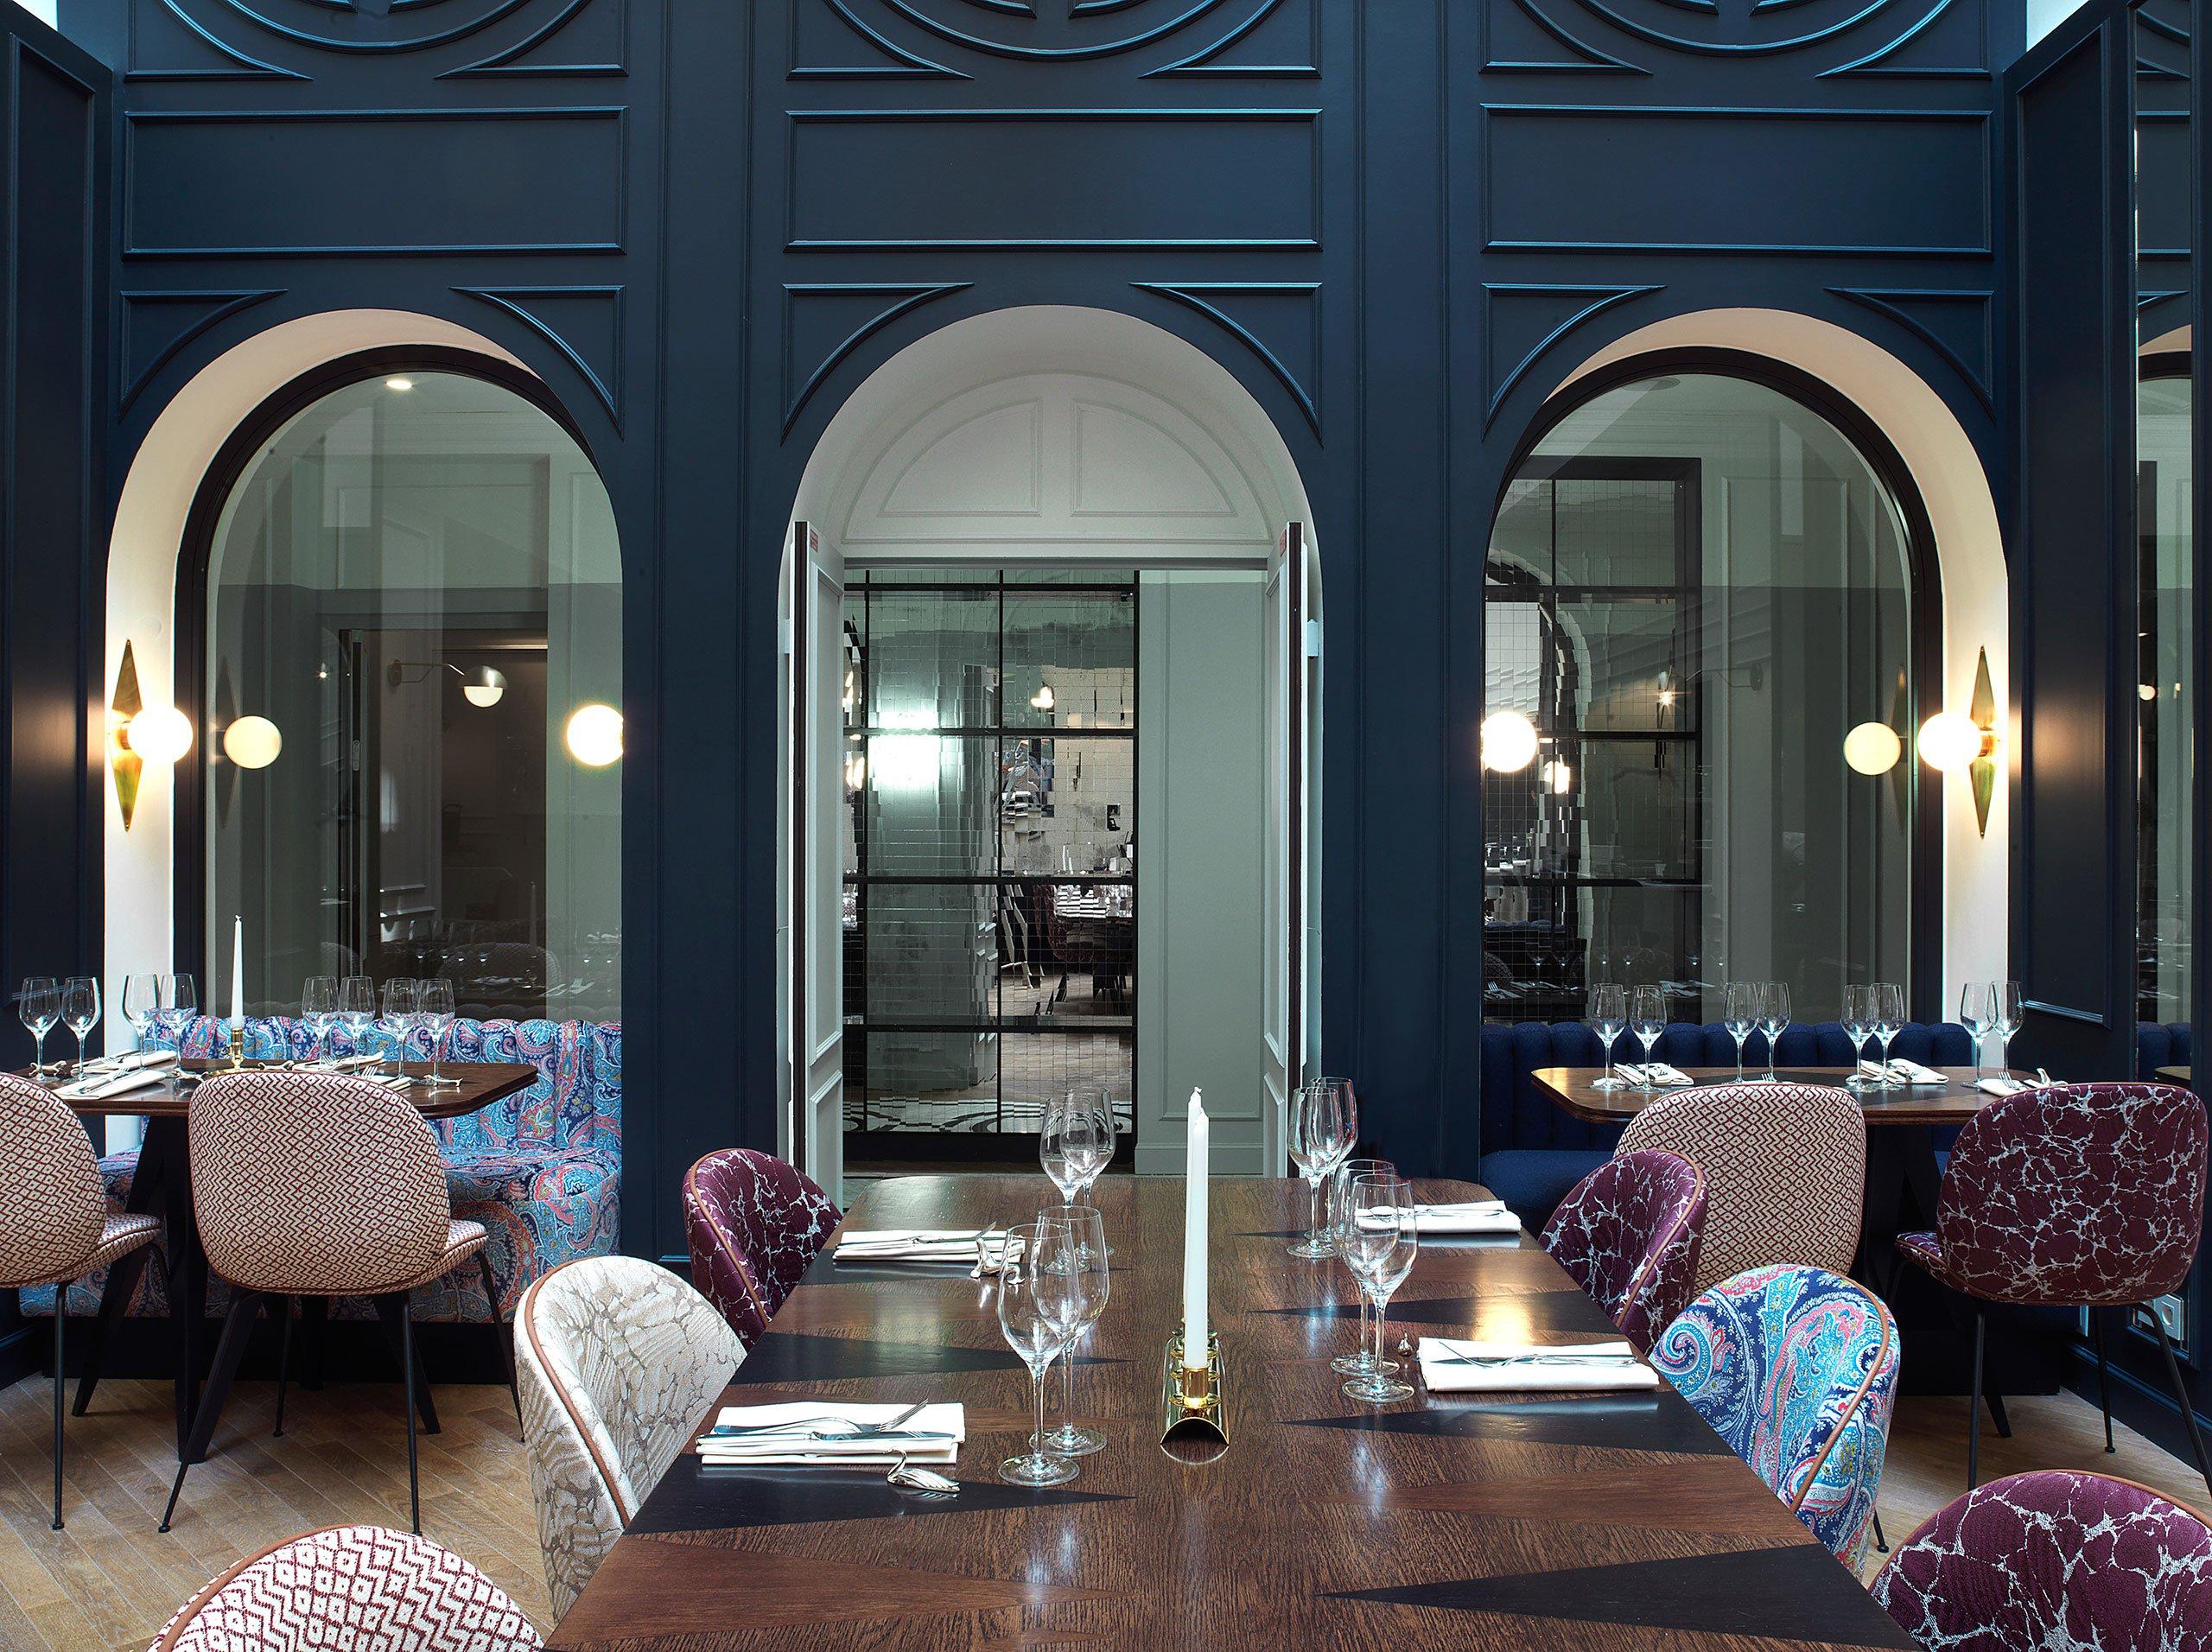 p3_hotel_bachaumont_paris_photo_paul_bowyer_yatzer